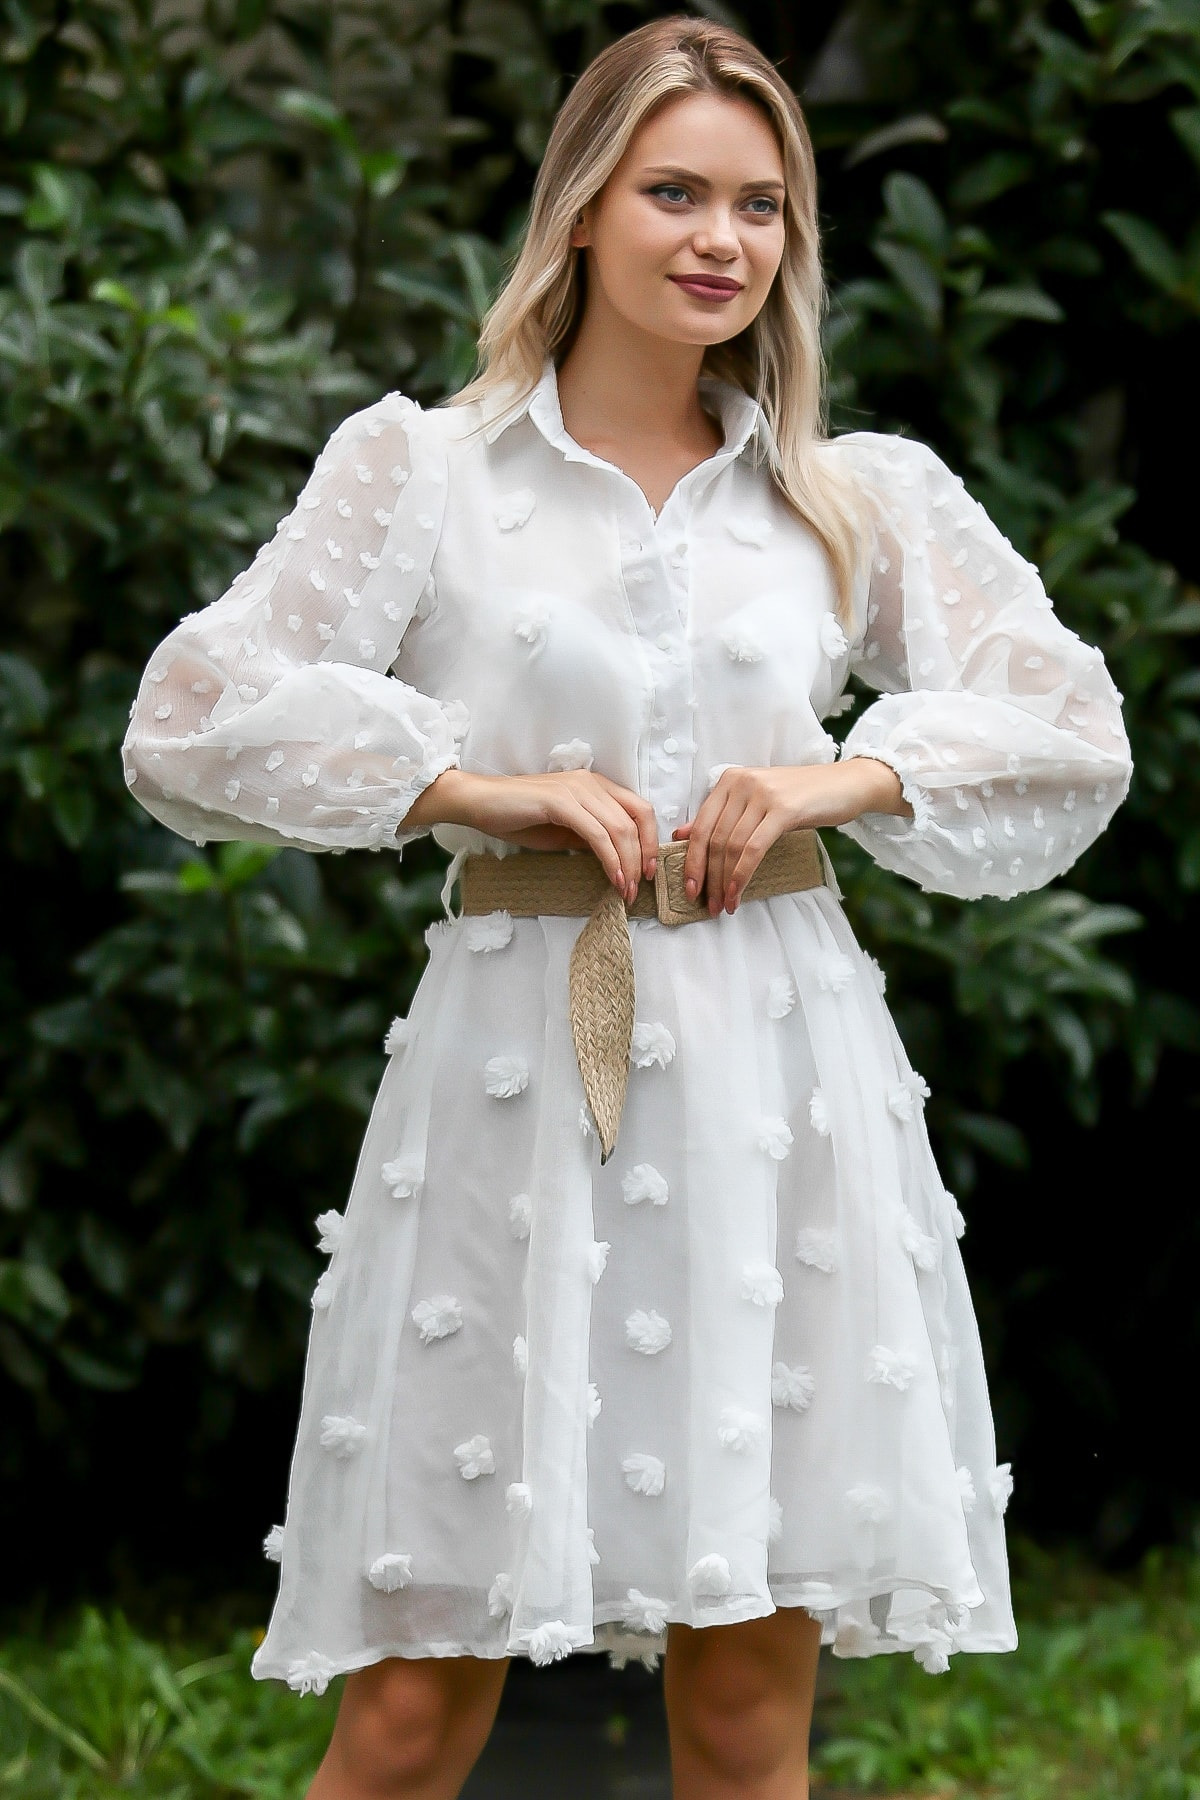 Chiccy Kadın Ekru Vintage Dev 3D Çiçek Detaylı Gömlek Yaka Astarlı Kemerli Elbise M10160000EL96122